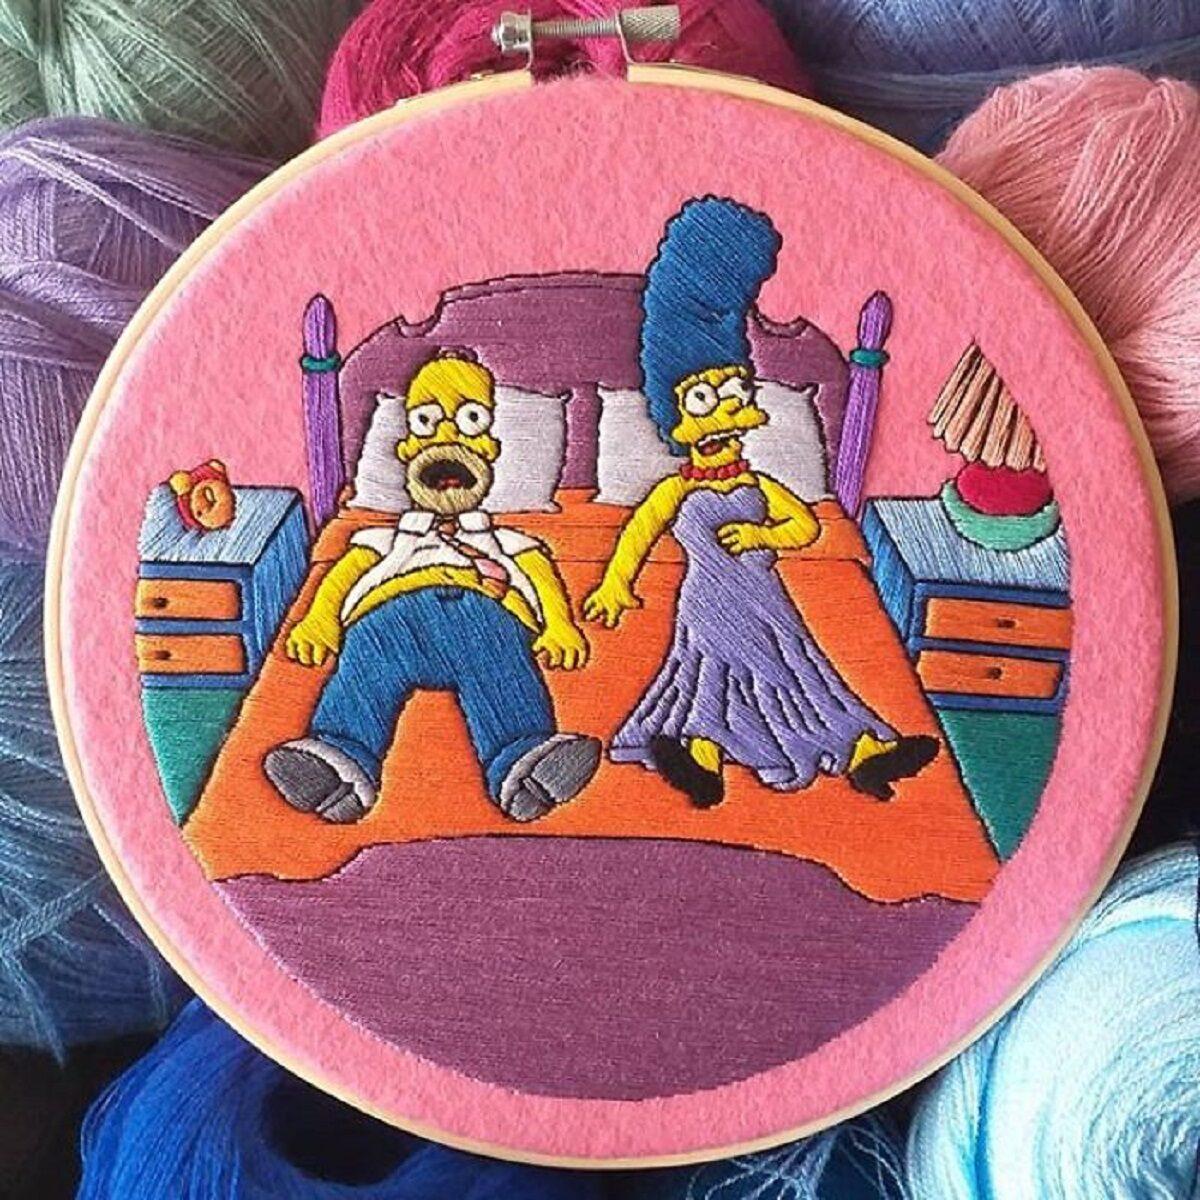 Artista Gabriela Martinez cria bordados de cenas de Os Simpsons 21